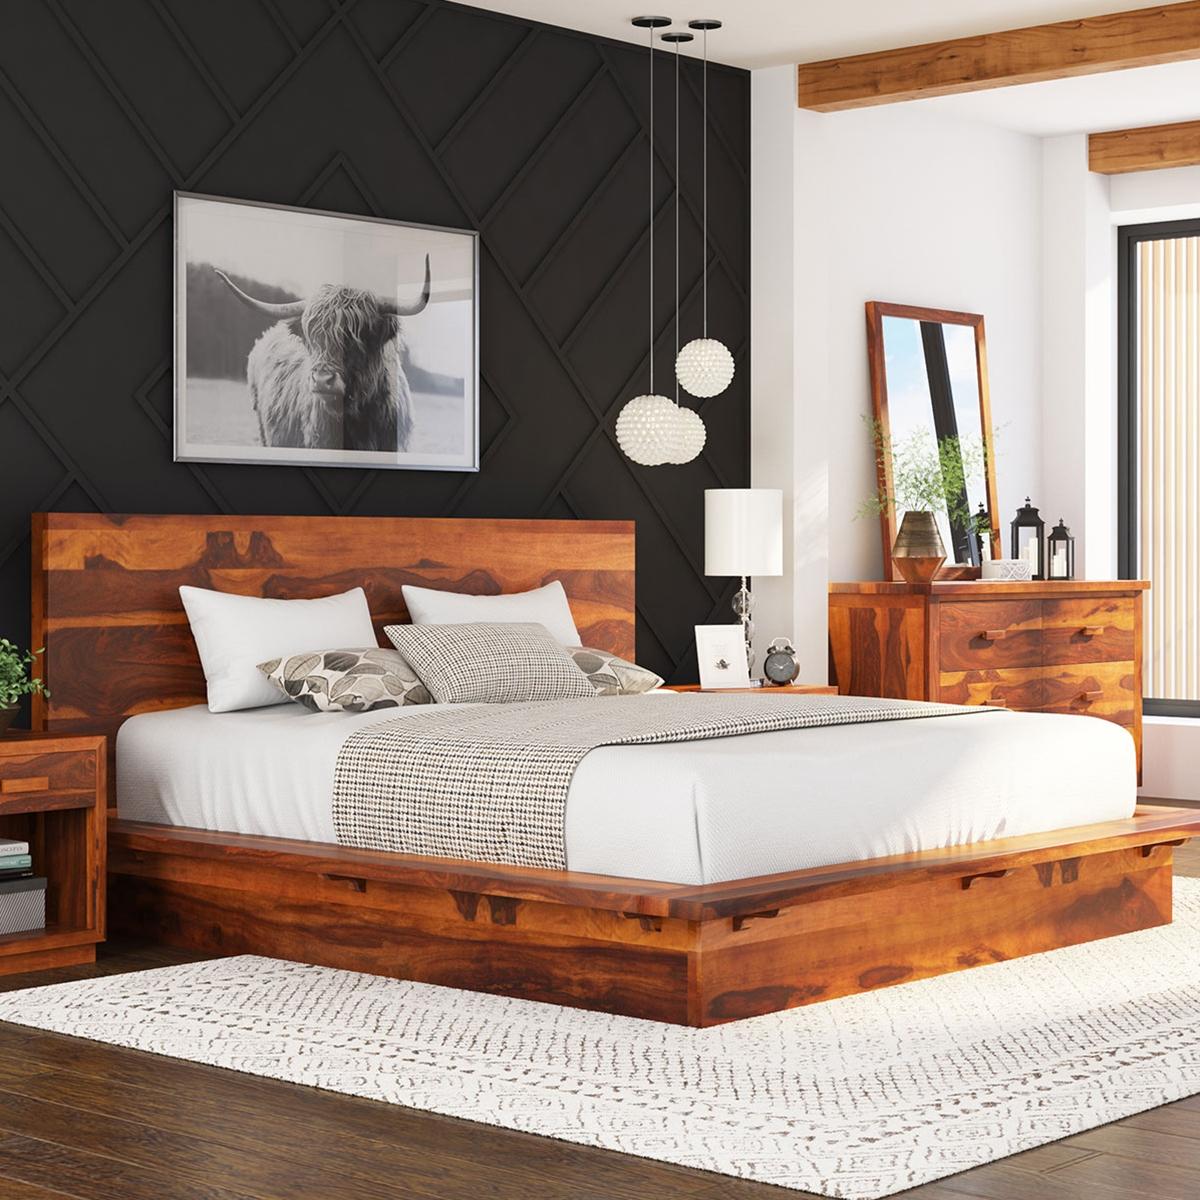 solid wood platform bed frame pc suite - delaware solid wood platform bed frame pc suite